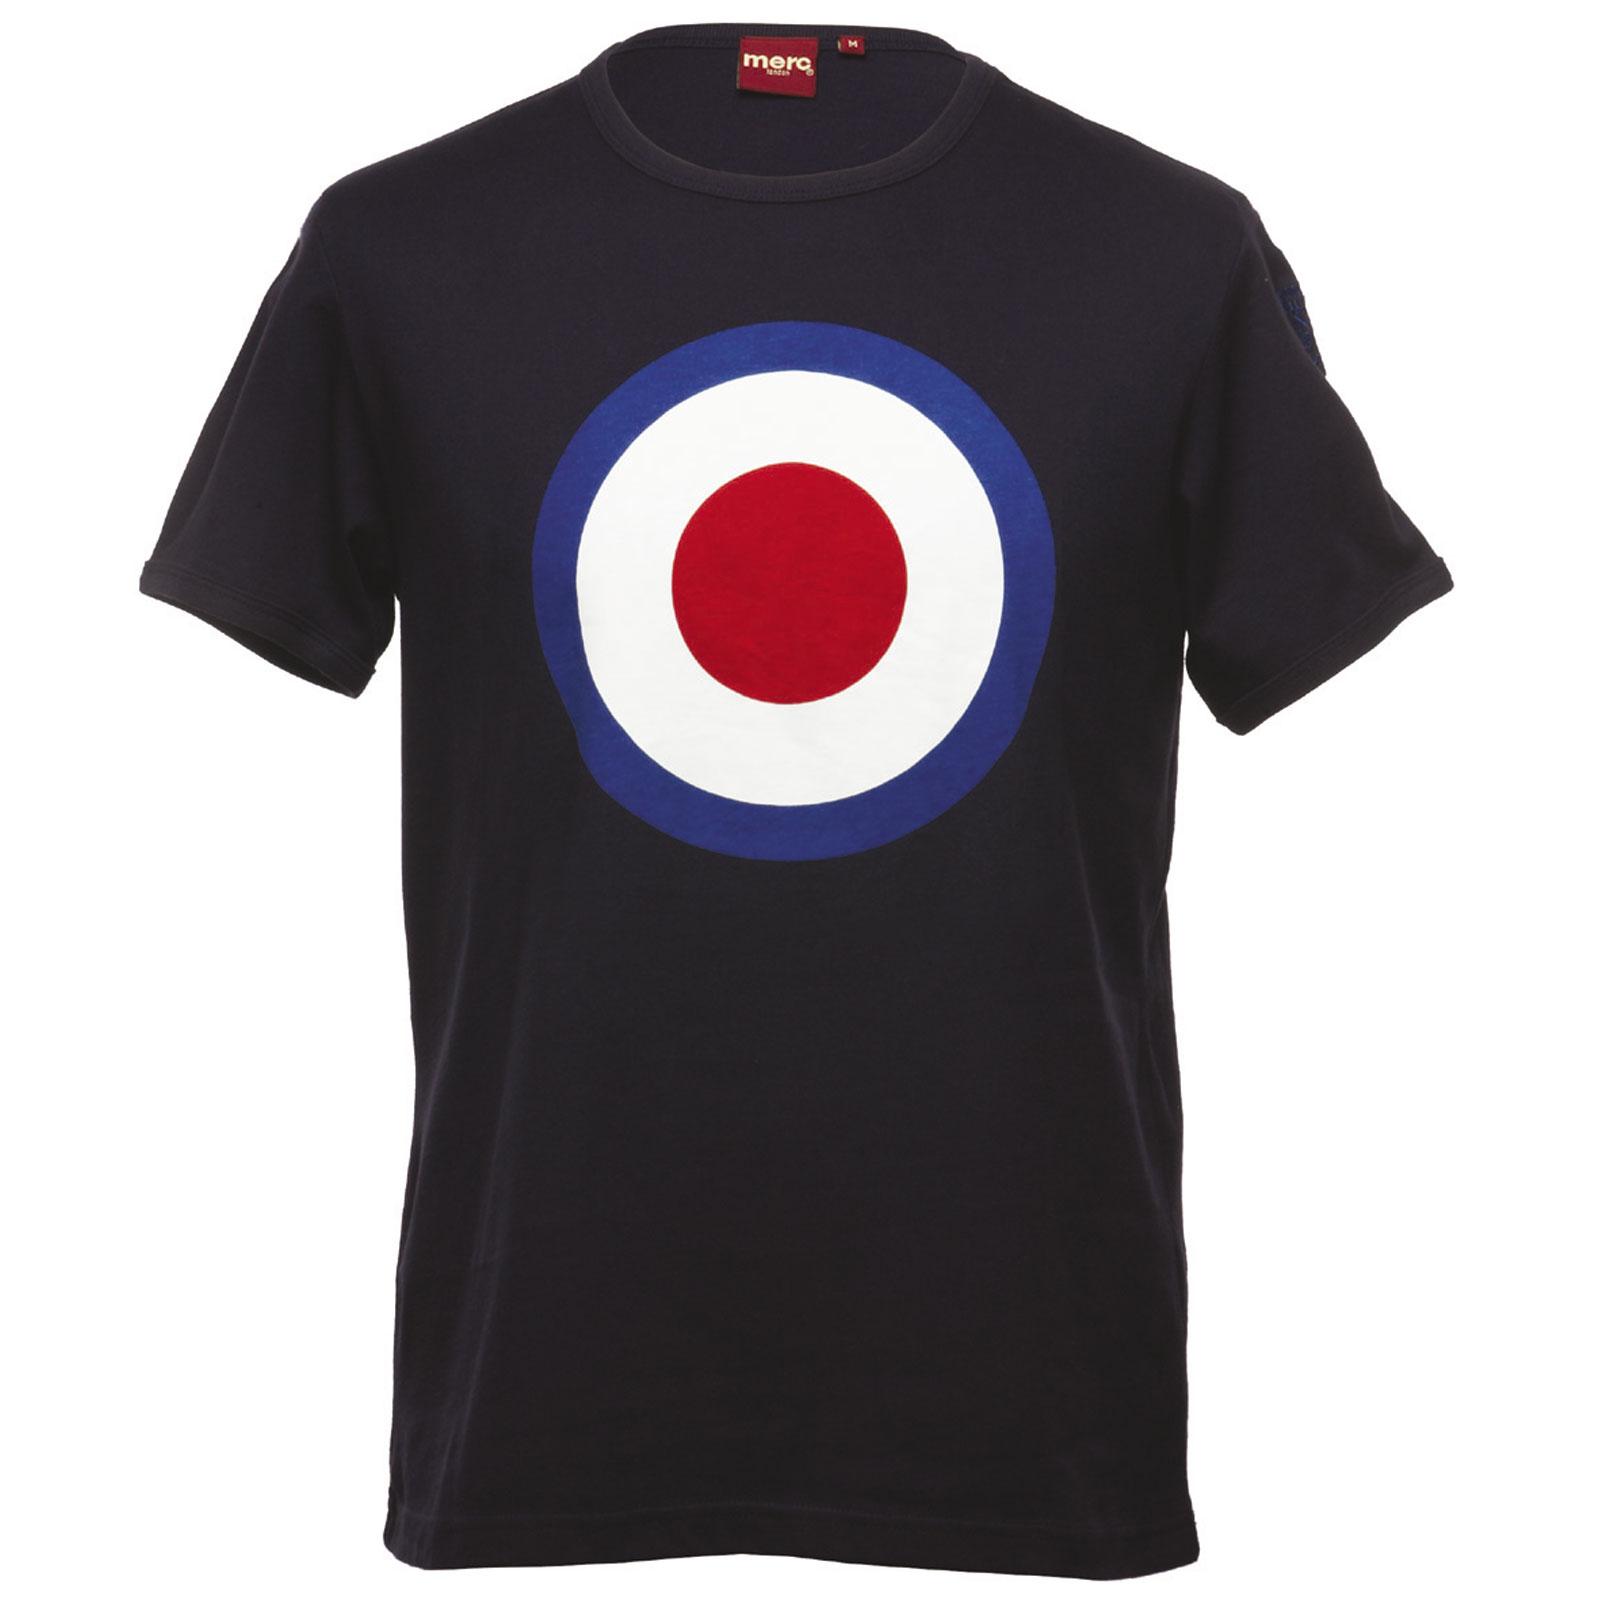 Koszulka MERC LONDON TICKET T SHIRT Granatowa